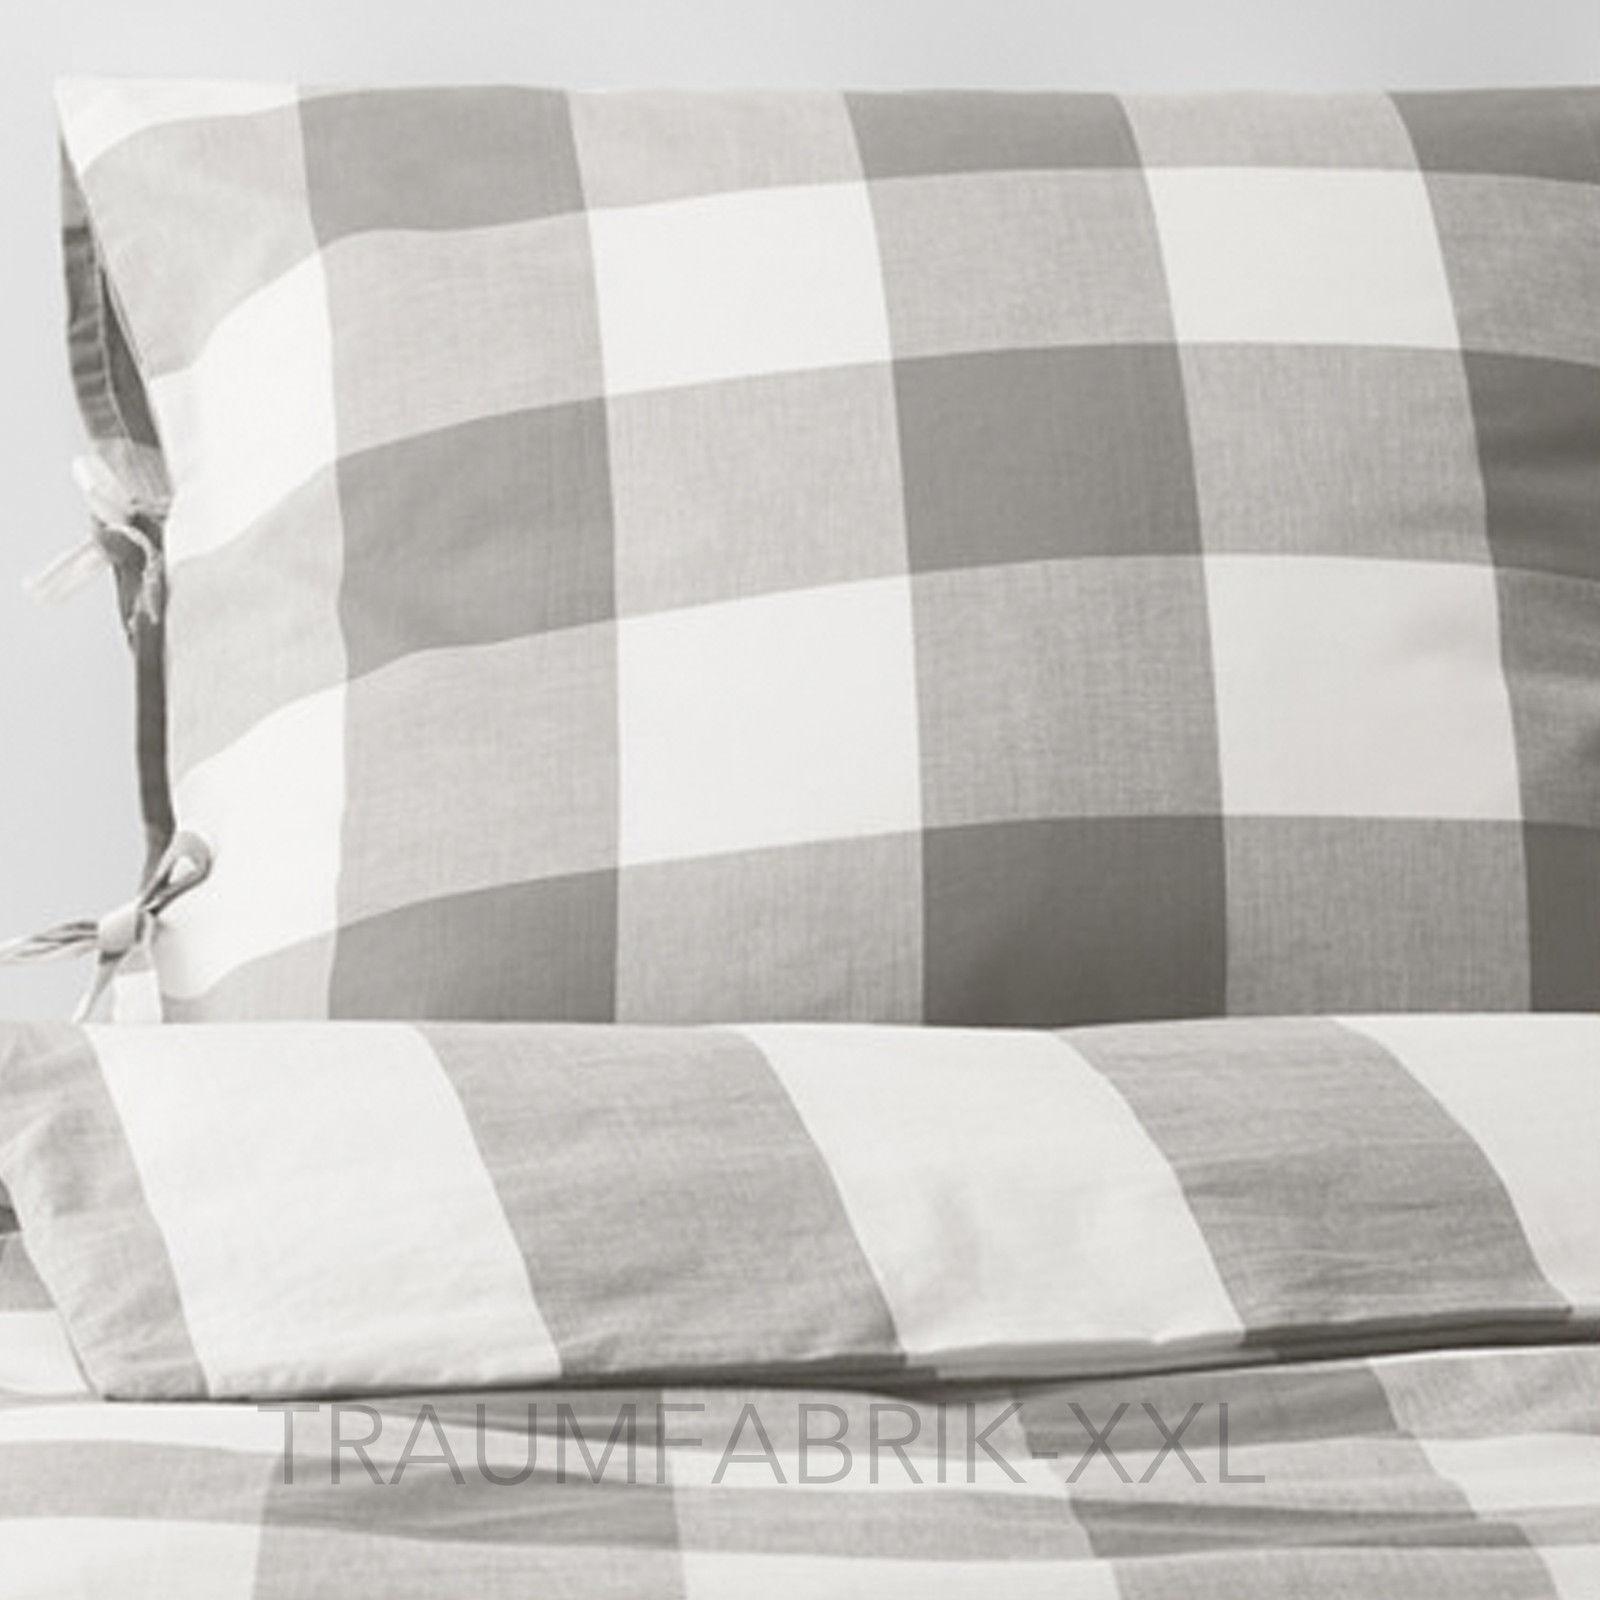 ikea emmie ruta bettw sche bettbezug 140 200 cm bettw scheset 2 tlg wei grau traumfabrik xxl. Black Bedroom Furniture Sets. Home Design Ideas